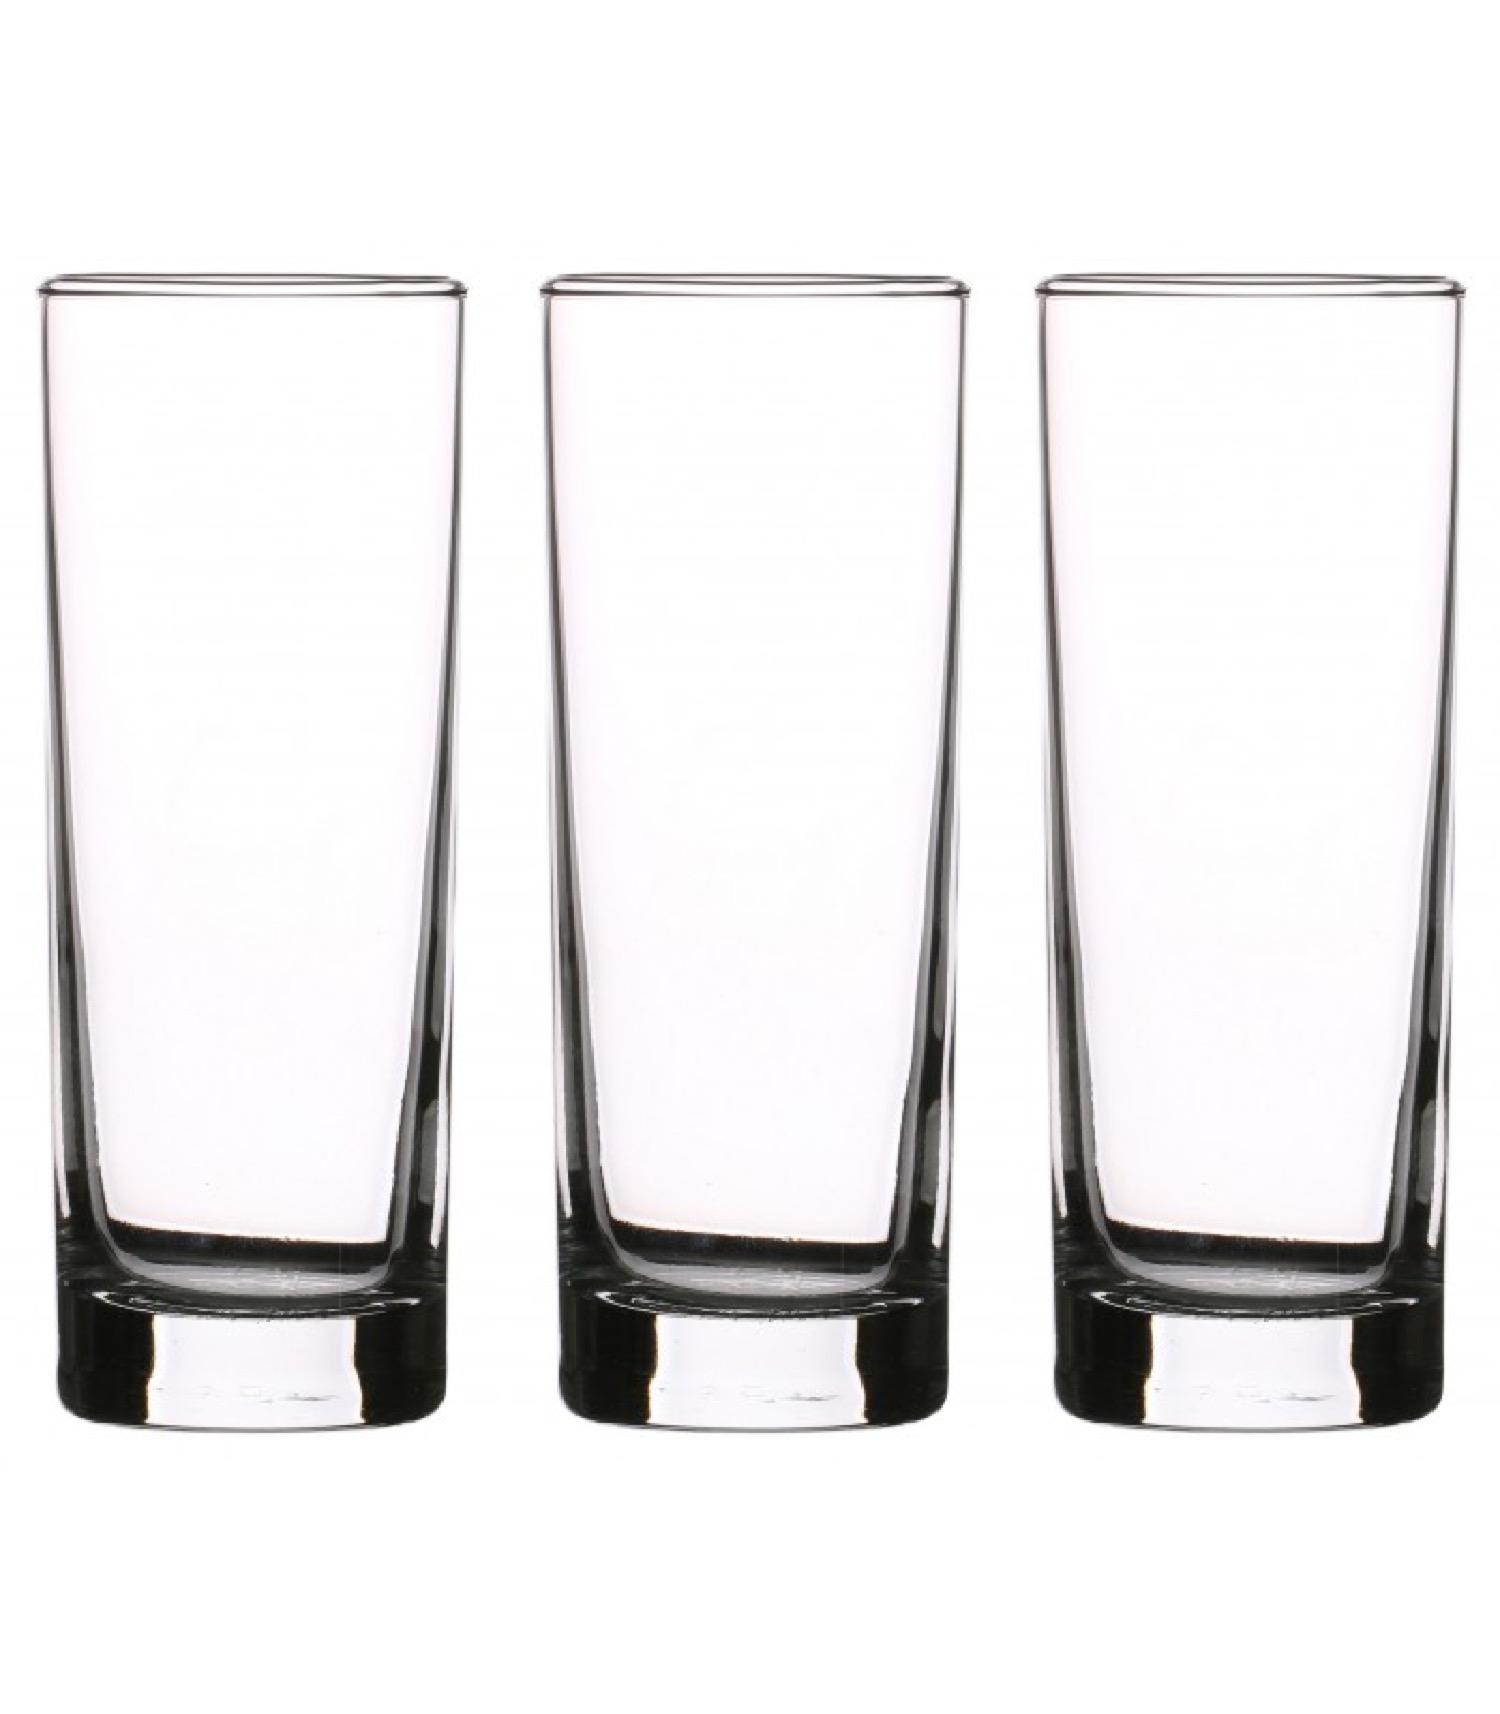 Verres à cocktail hauts en verre 22cl - Lot de 3